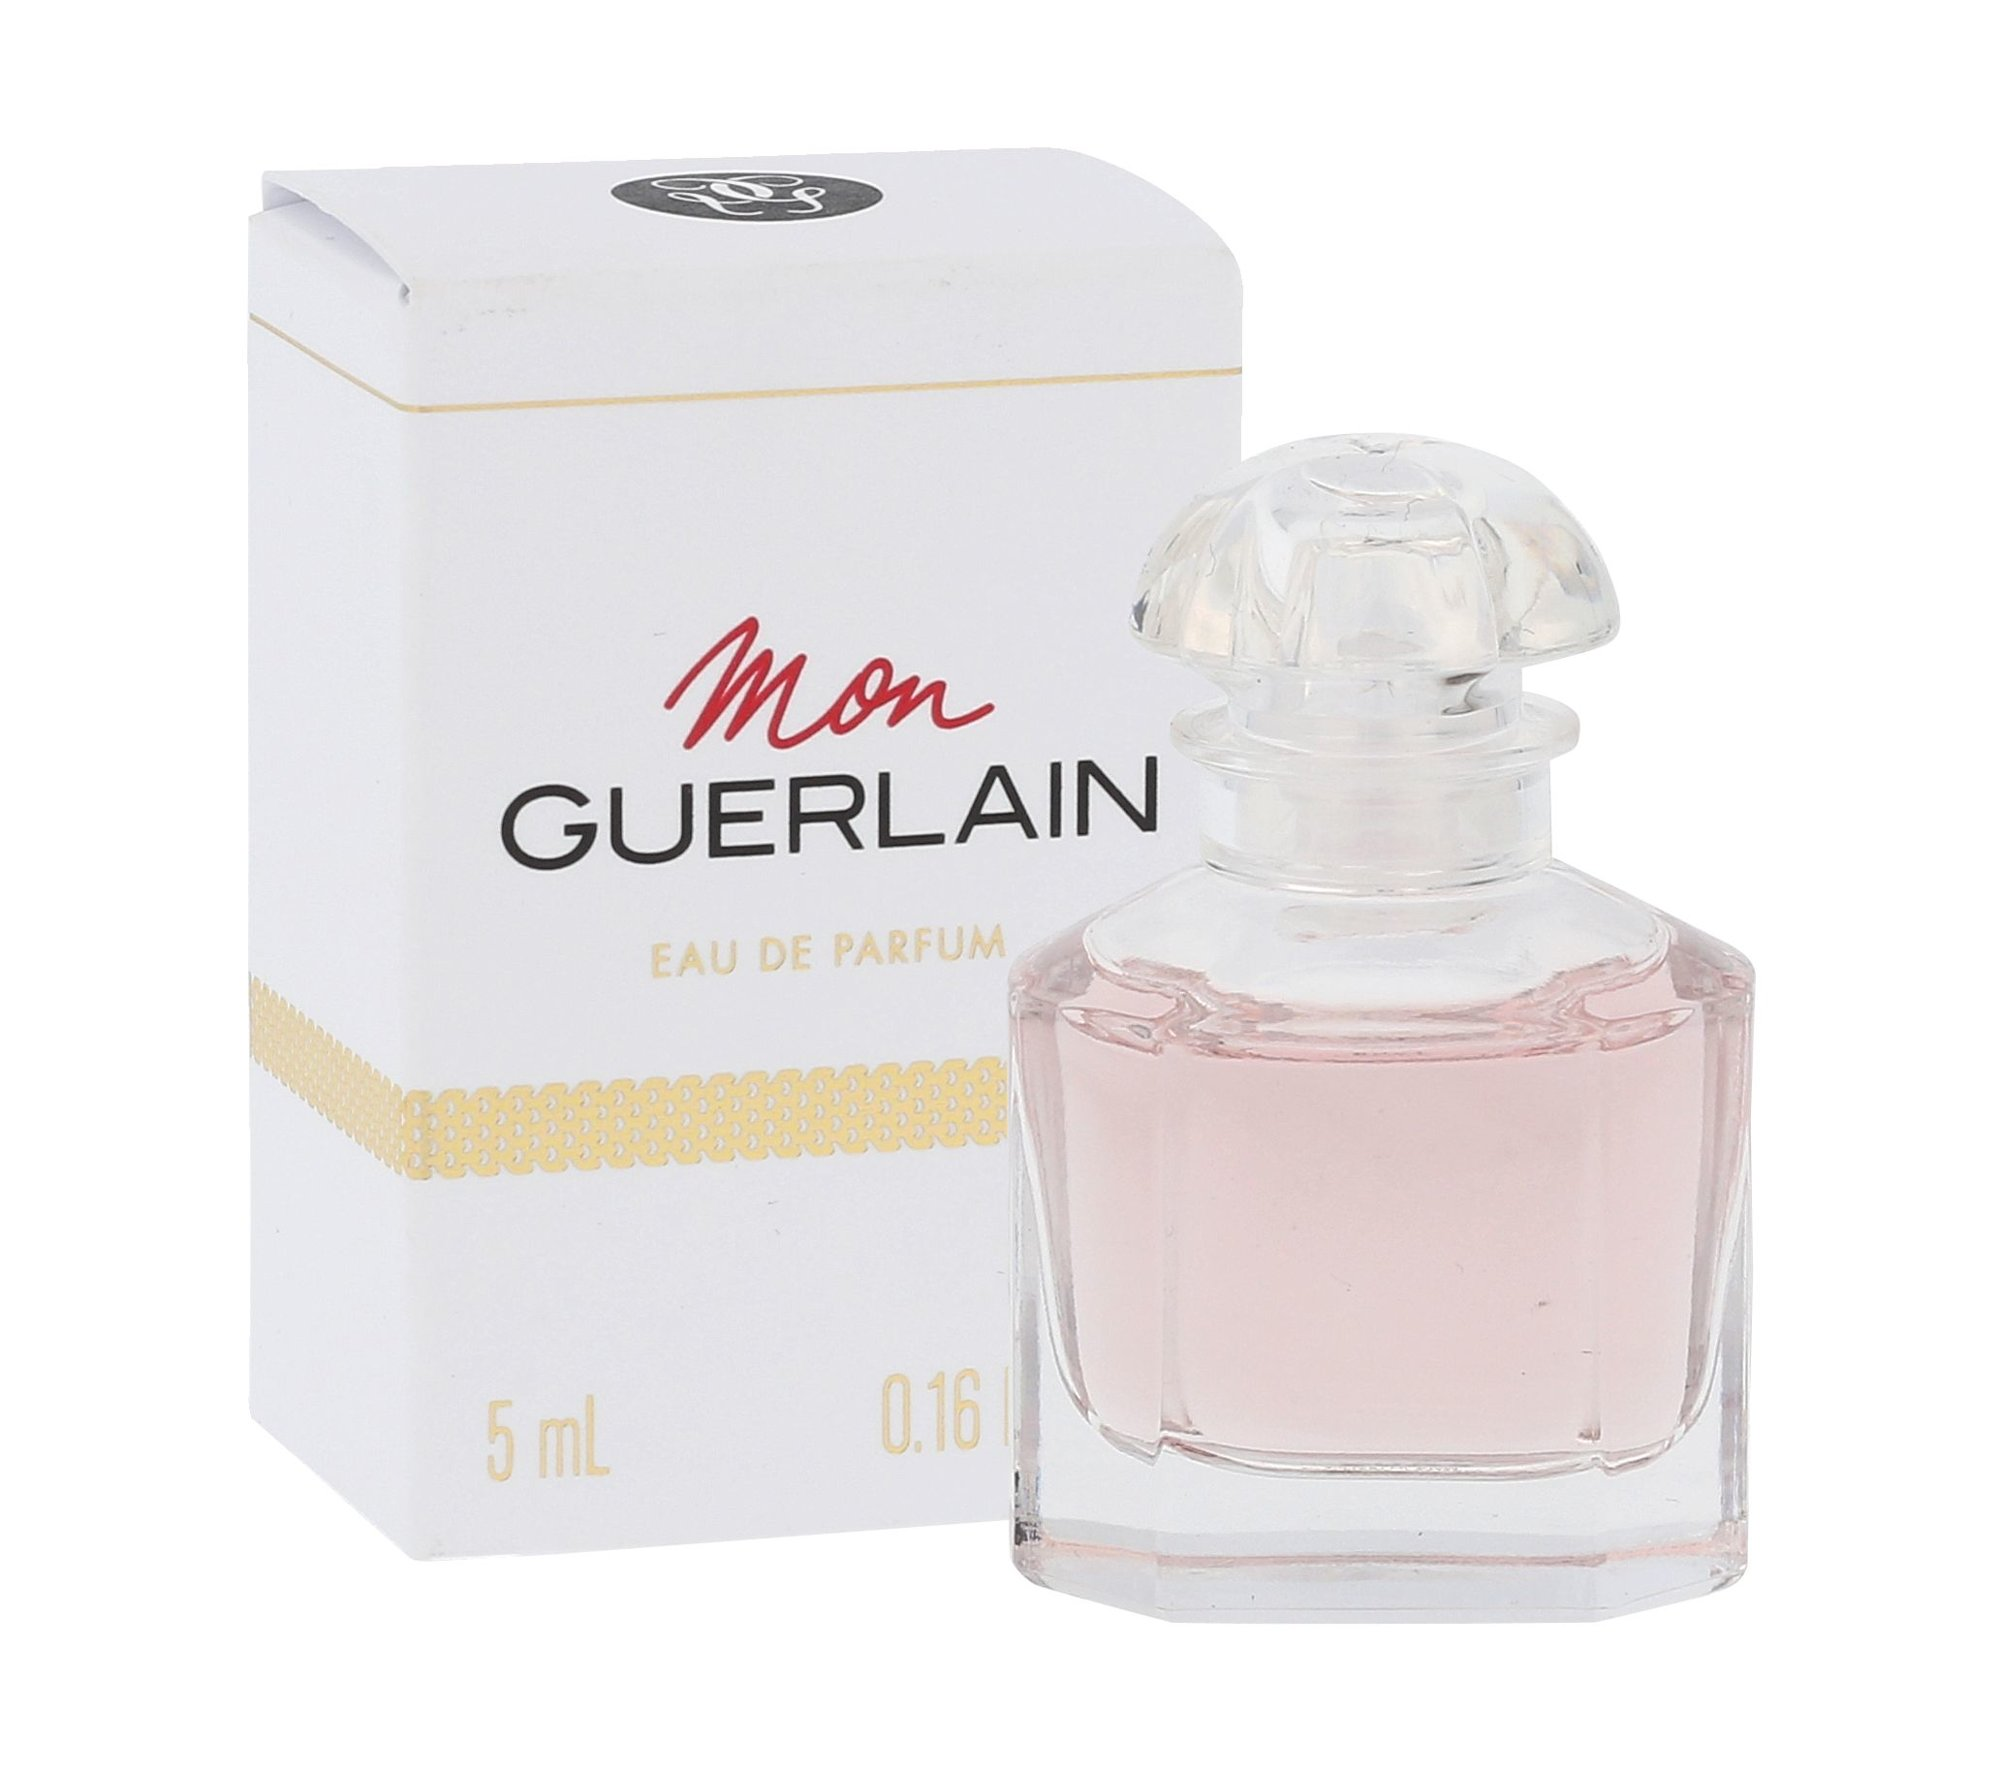 Guerlain Mon Guerlain EDP 5ml